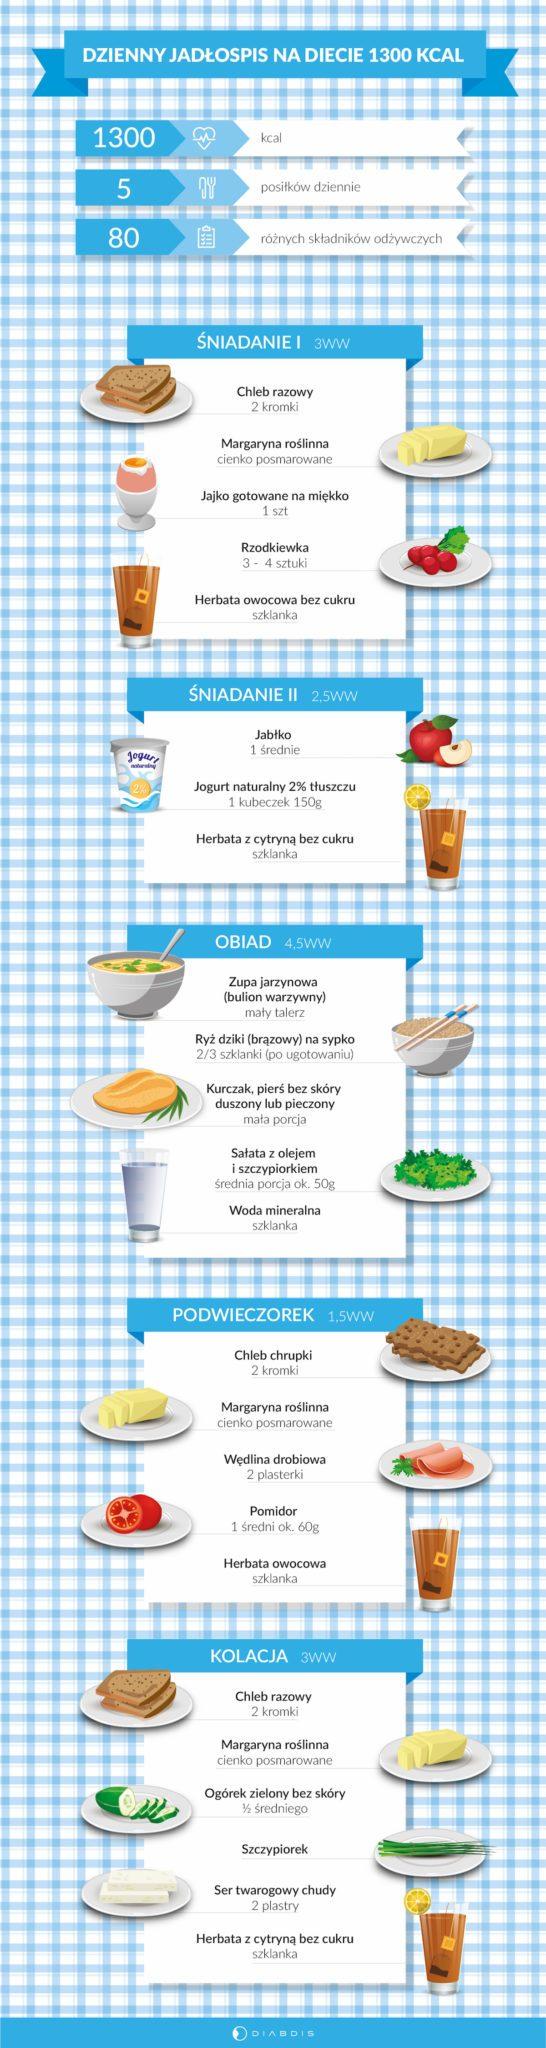 dieta 1400 kcal proste przepisy